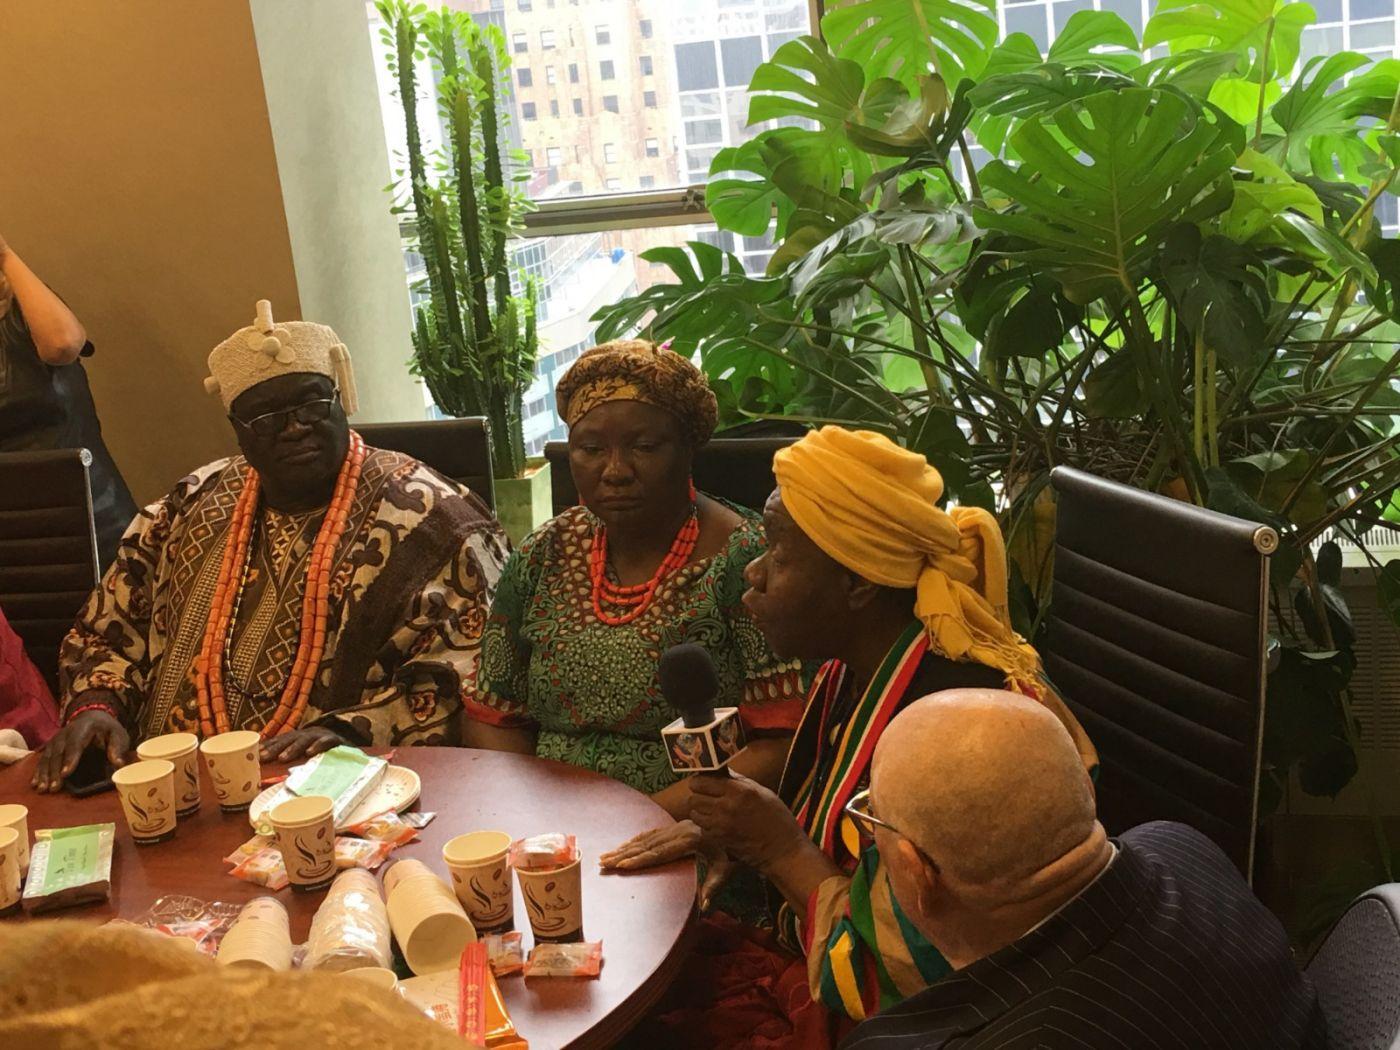 聯合國中華媽祖文化發展基金會受邀参加聯合國納尔遜.曼德拉国际日的一系列活动 ..._图1-20